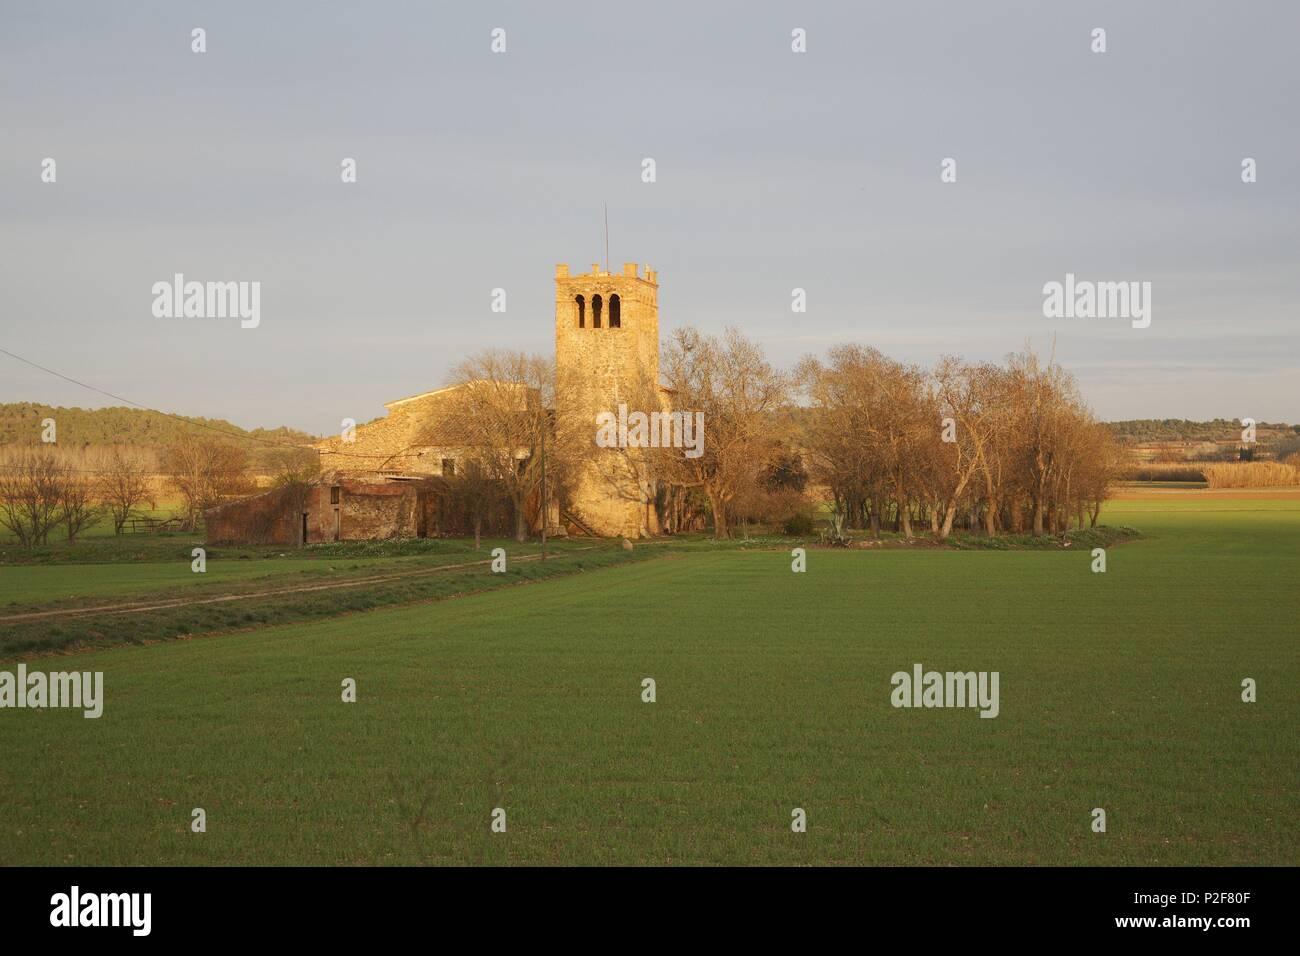 SPAIN - Catalonia - Baix Empordá (district) - GERONA. La Bisbal d'Empordà; camps de cereals i masia fortificada a prop del poble. - Stock Image